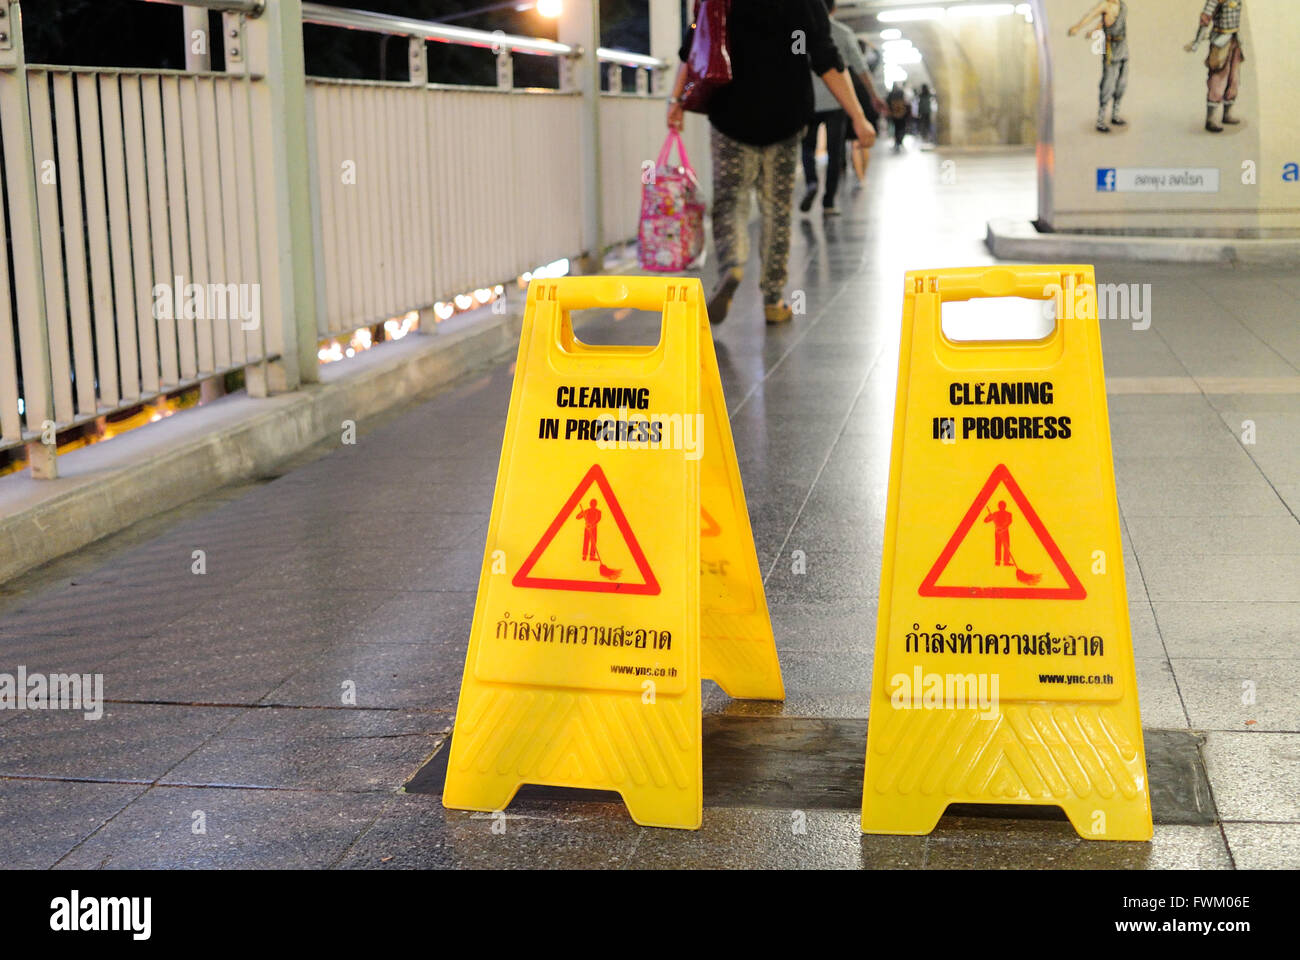 Attenzione pavimento bagnato segni sul marciapiede foto & immagine